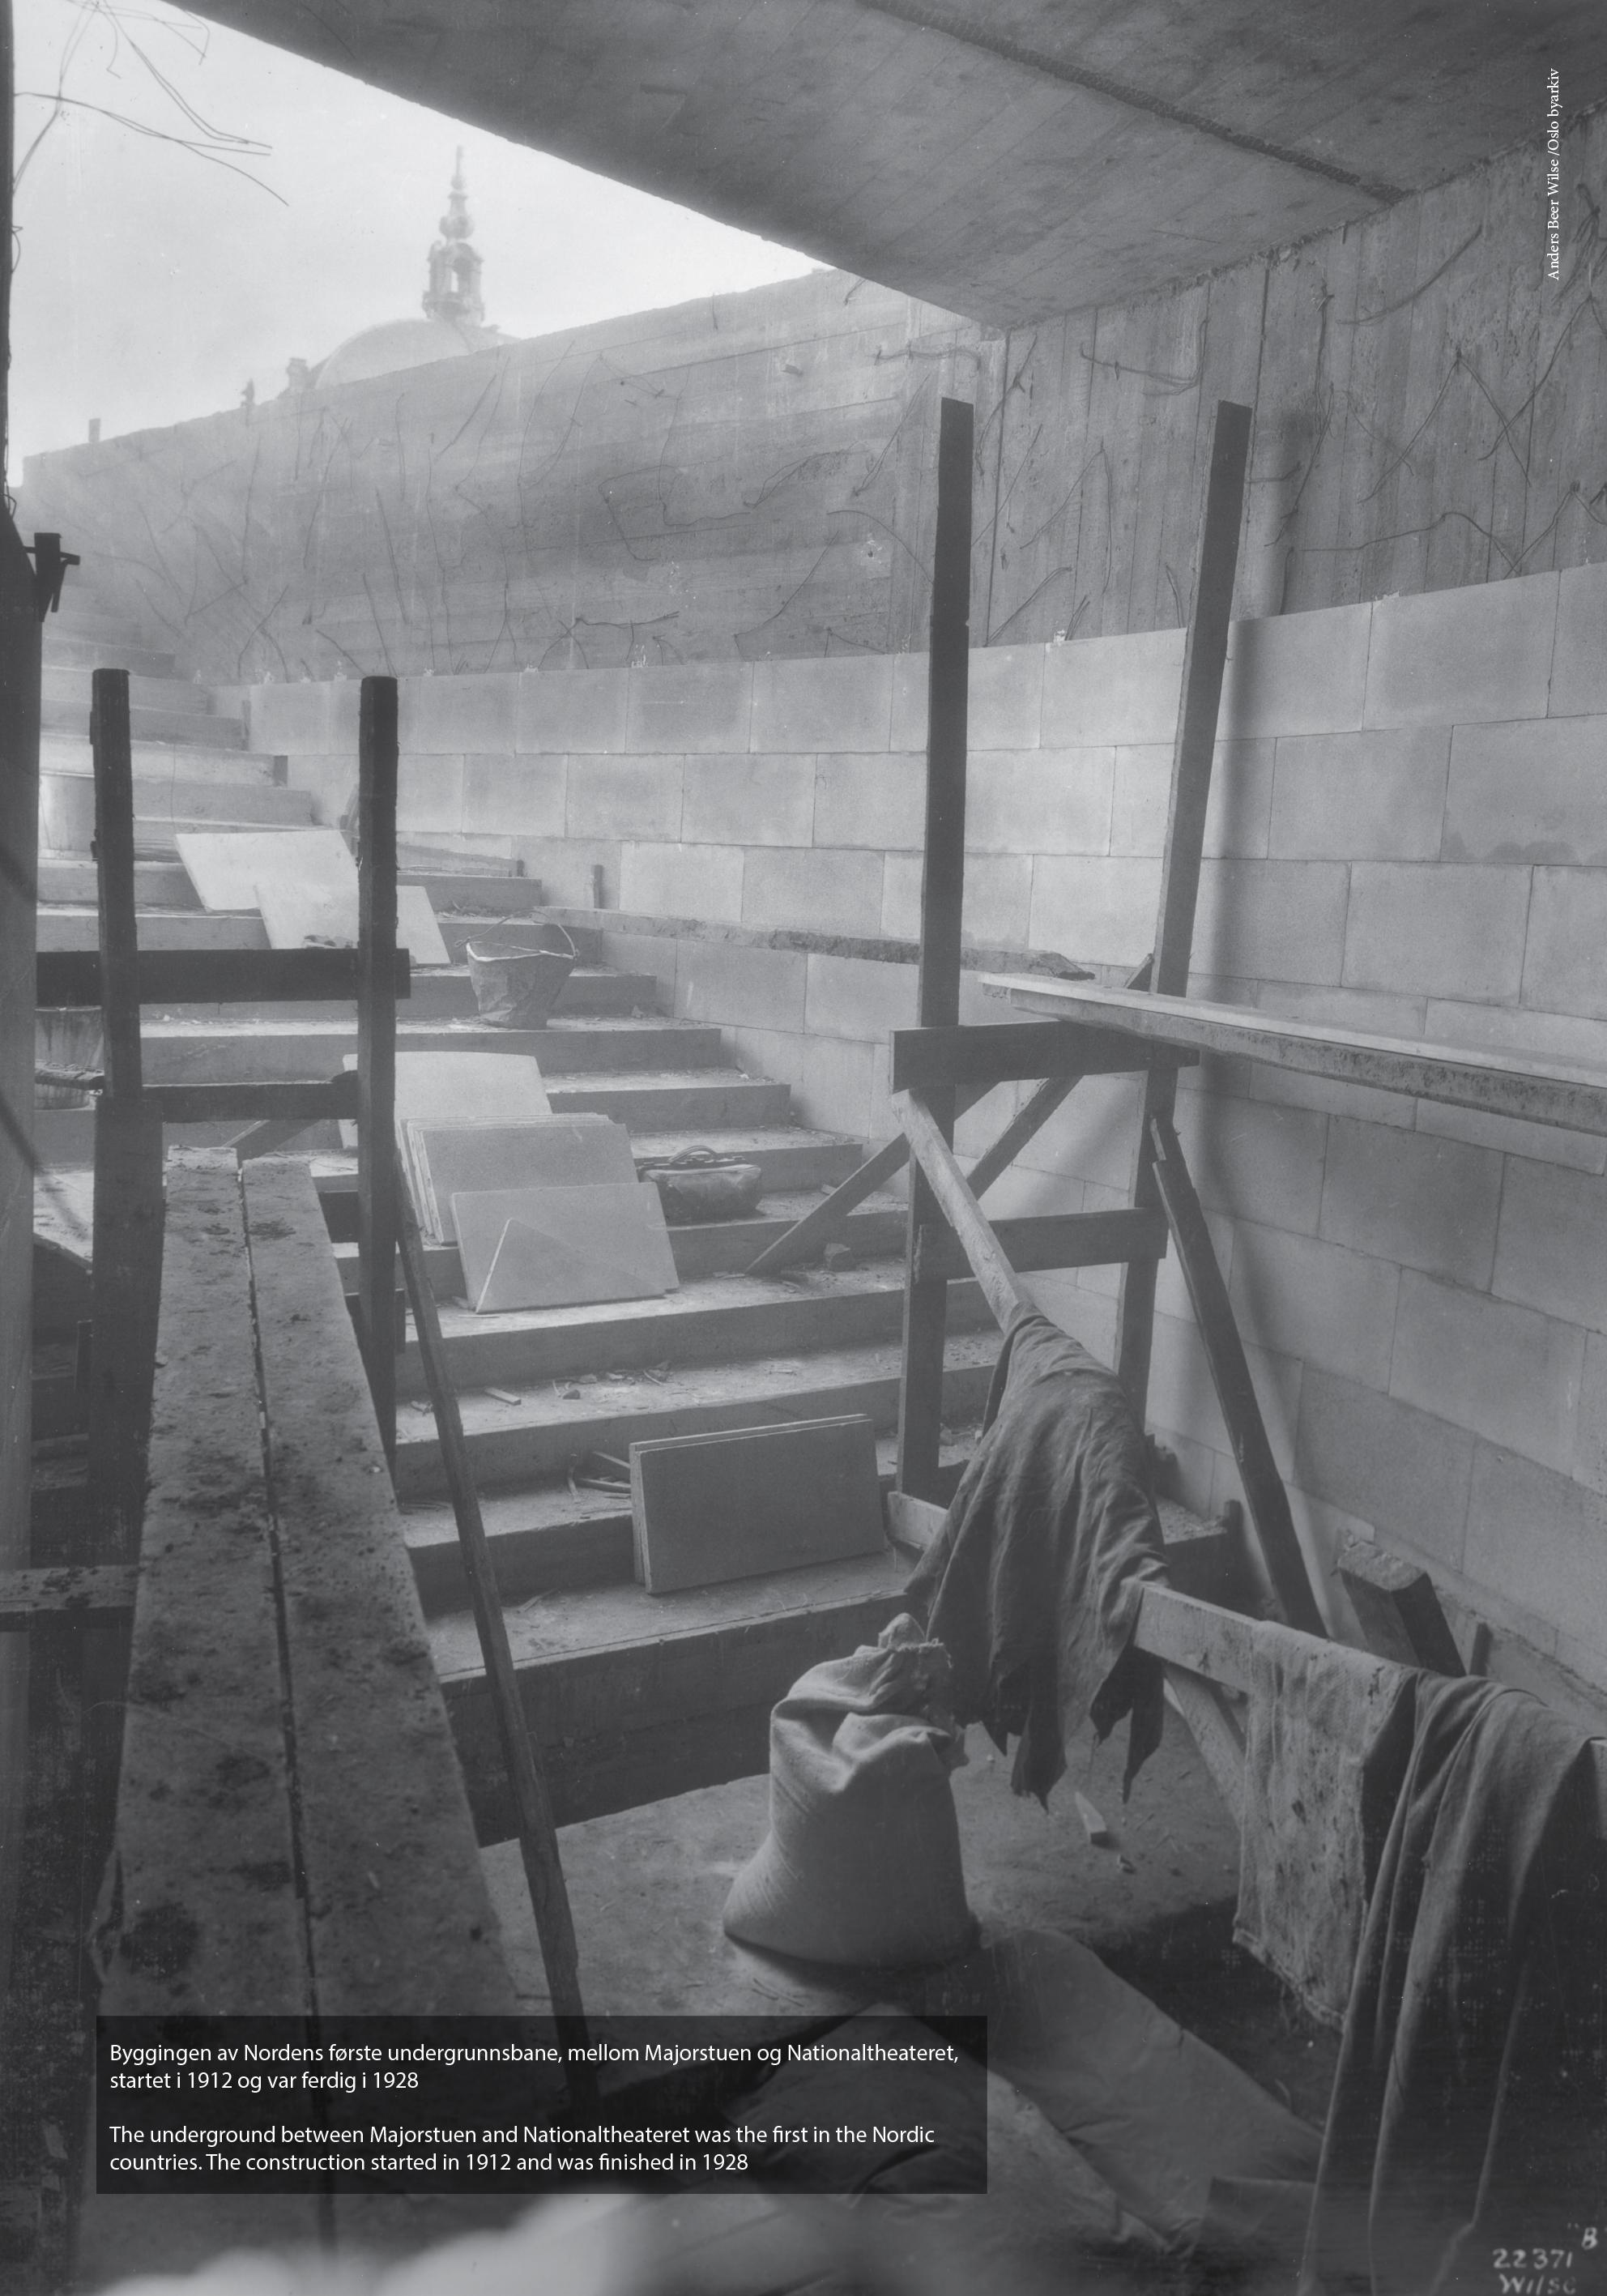 Nedgangen til Nationaltheatret stasjon under utbyggingen av undergrunnsbanen mellom Majorstuen og Nationaltheatret, ukjent år. Fotograf: Wilse. År: ukjent. (A-40203_Uaa_0004_017)